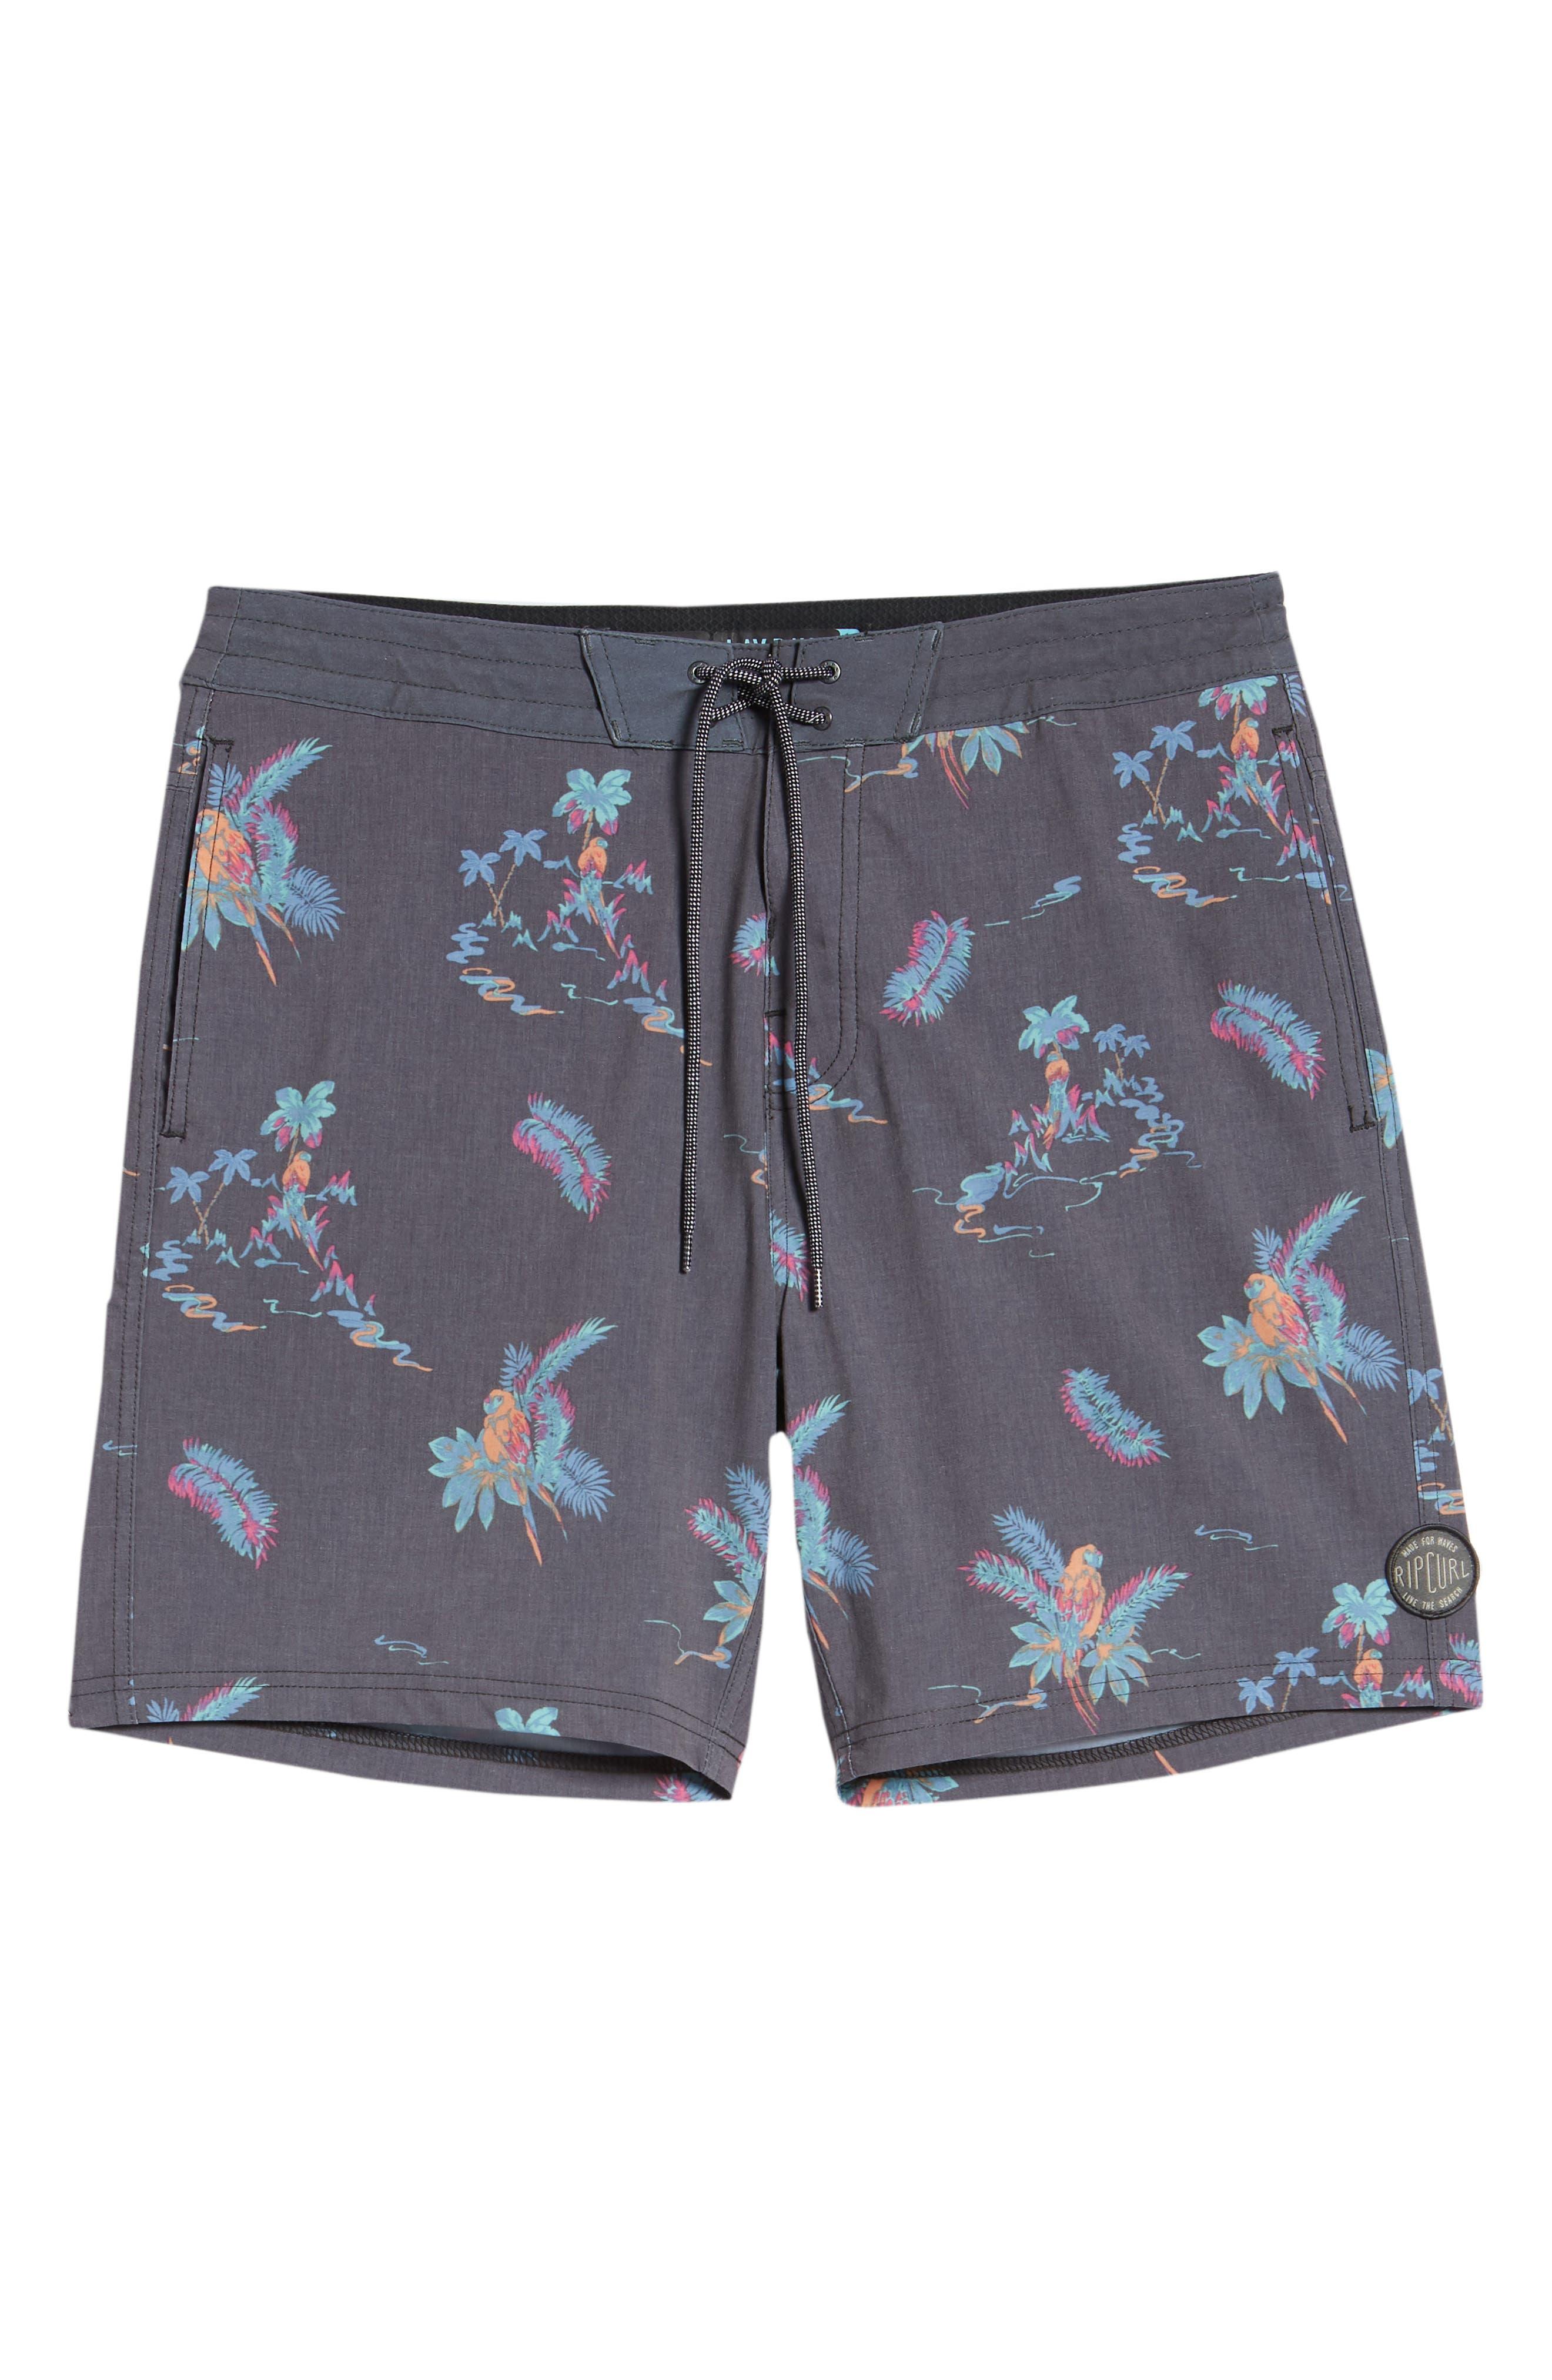 Vacay Layday Board Shorts,                             Alternate thumbnail 6, color,                             020